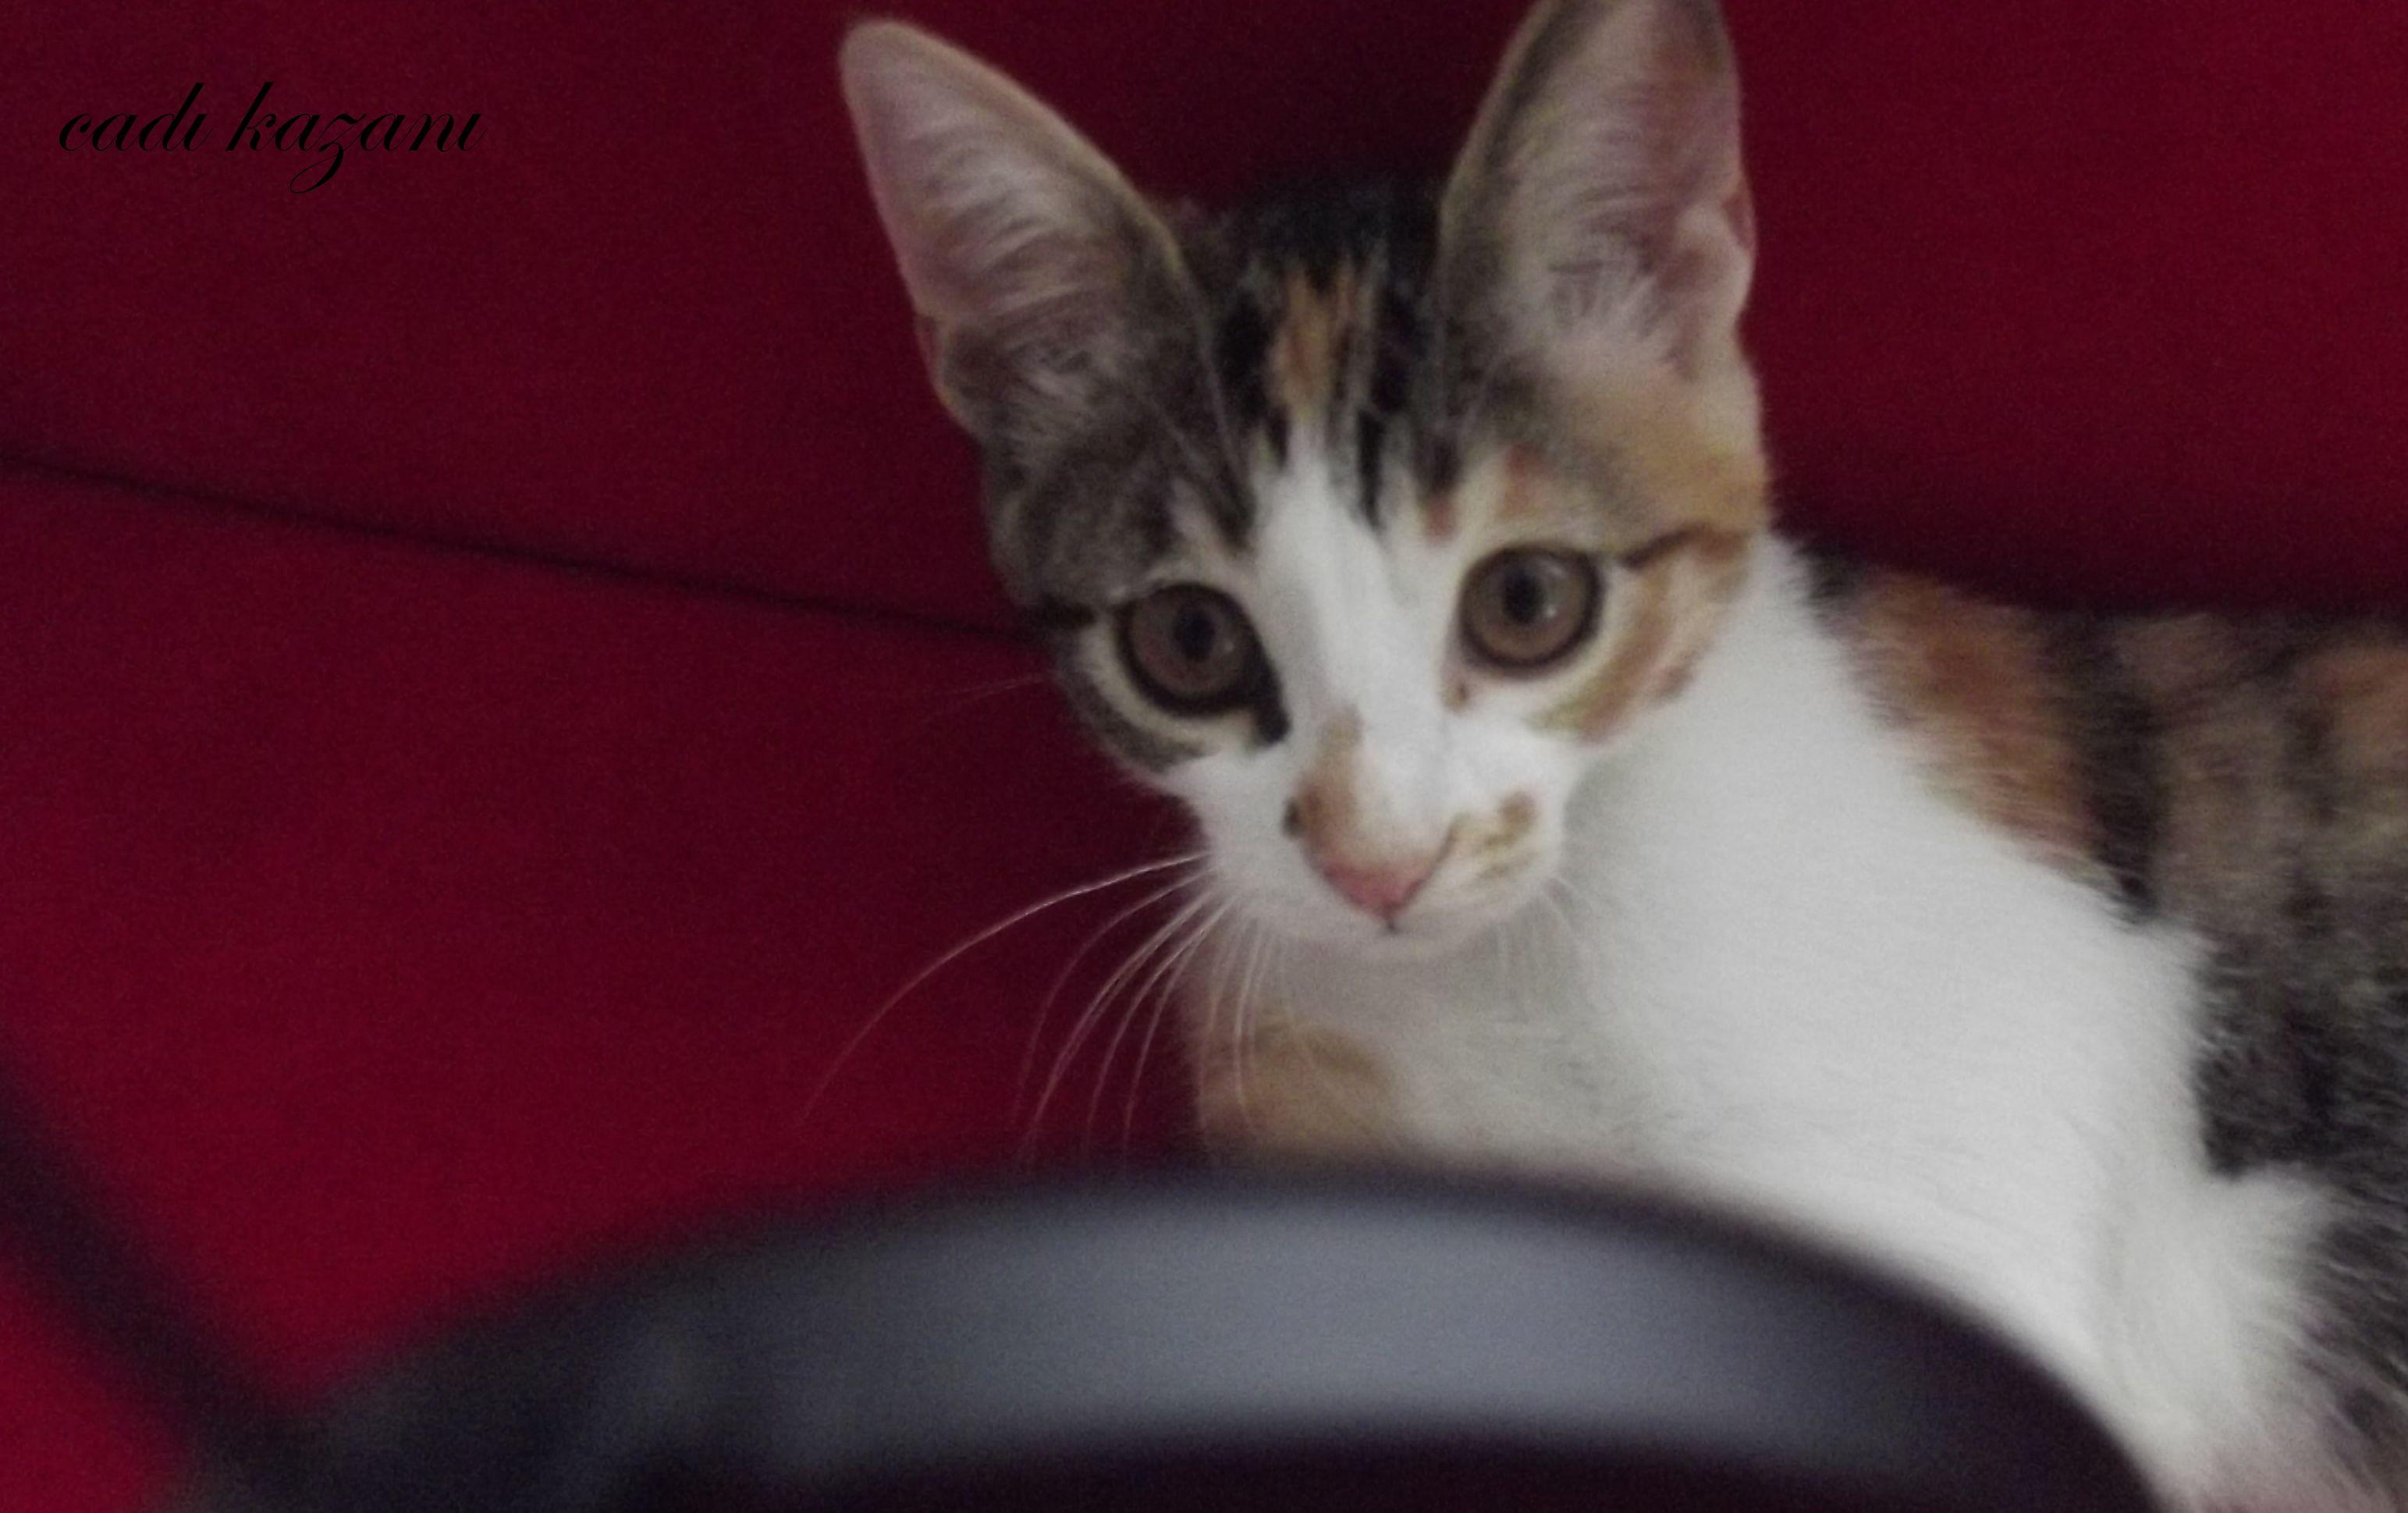 kittenlove13